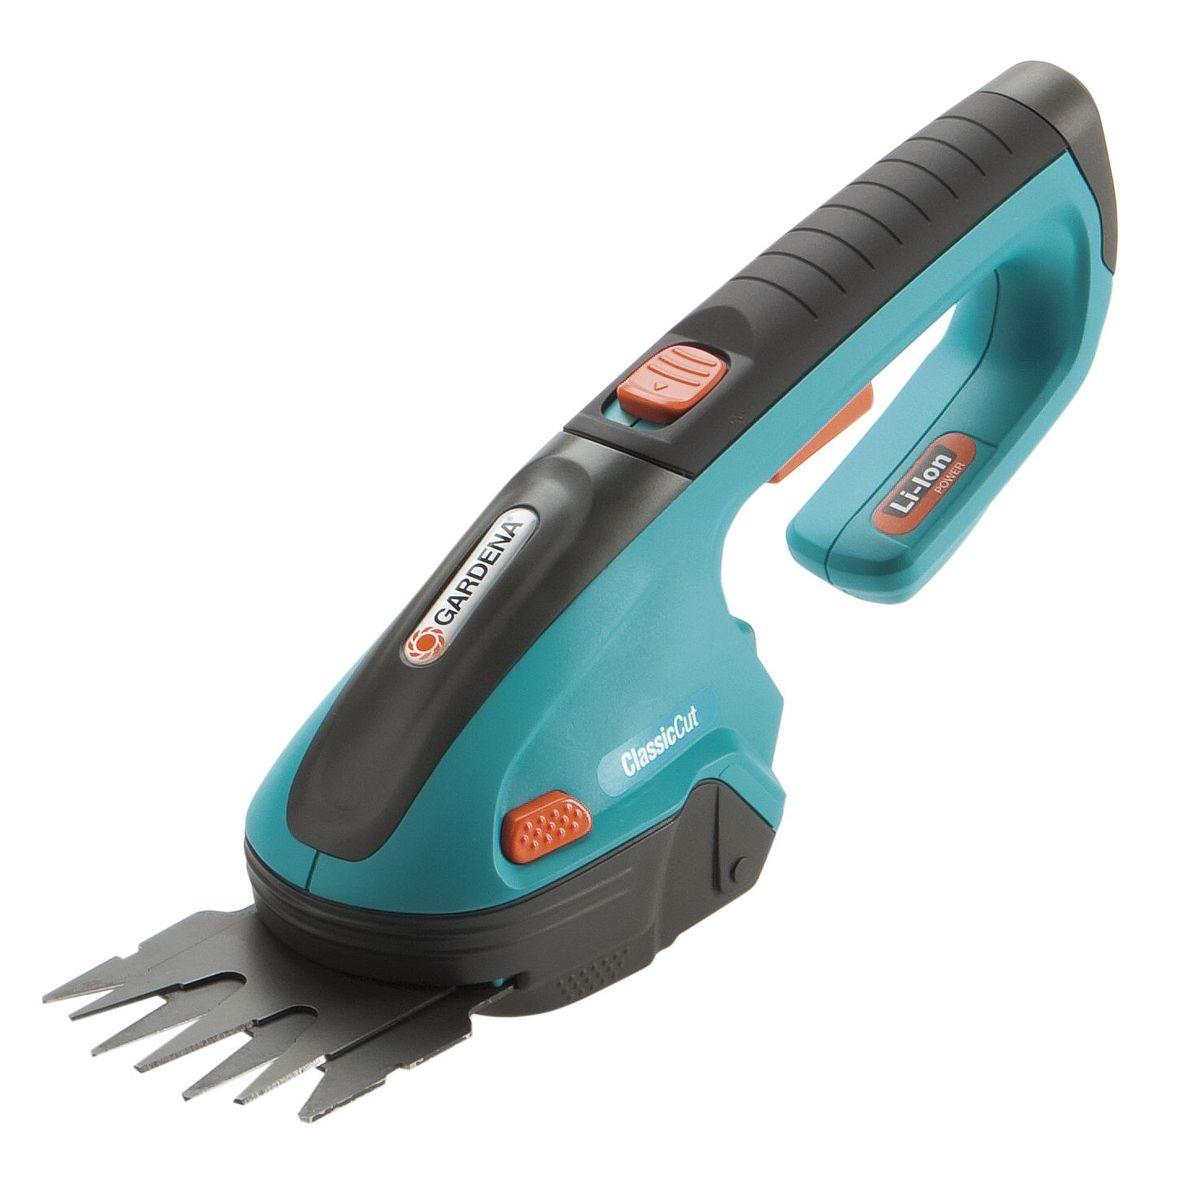 Ножницы аккумуляторные Gardena ClassicCuTF0150739RAС аккумуляторными газонными ножницами Gardena ClassicCut вы сможете легко подстричь кромки газонов без подключения к электросети. Кроме того, в комплект входит нож для травы и кустарников (ширина 8 см), благодаря чему ножницы могут использоваться для придания формы кустарнику наподобие самшита. Мощная, простая в обслуживании литий-ионная аккумуляторная батарея гарантирует легкость работы и прекрасную производительность. Светодиодный дисплей постоянно показывает уровень заряда аккумулятора и позволяет оценить оставшееся время работы, а также вовремя сигнализирует о необходимости подзарядки. Благодаря эргономичной рукоятке аккумуляторные газонные ножницы хорошо лежат в руке, а их высокая эффективность обеспечивает превосходные результаты стрижки. Съемные ножи прецизионной заточки имеют покрытие от налипания. Ножи заменяются без помощи инструментов - невероятно просто, быстро и безопасно. Это дает возможность легко преобразовать газонные ножницы в кусторезы. В комплект поставки аккумуляторных газонных ножниц входит зарядное устройство и защитный чехол для ножа.Напряжение аккумулятора: 3,6 В.Емкость аккумулятора: 1,45 Ач.Время зарядки батареи: приблизительно 6 ч.Тип аккумулятора: Li-lon.Время работы: 45 мин.Ширина стрижки: 8 см.